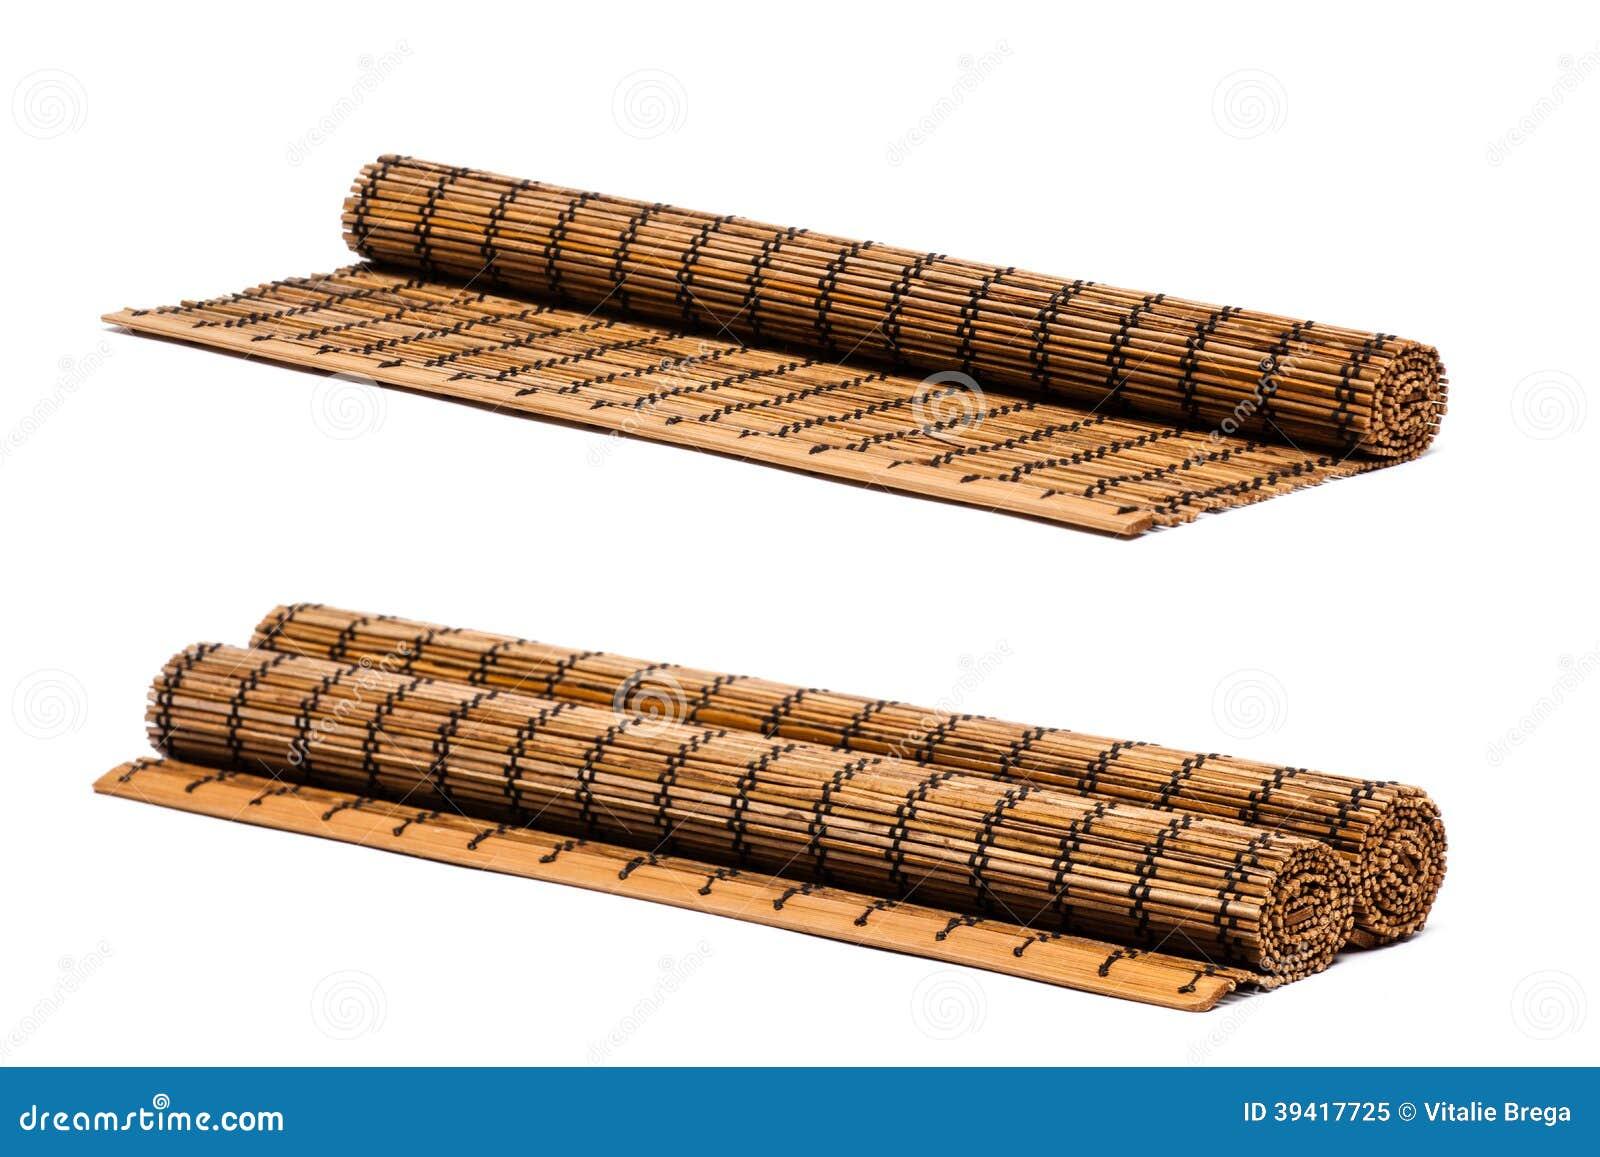 Nappe Table Bois : Plus d`images similaires ? ` Nappe en bois `